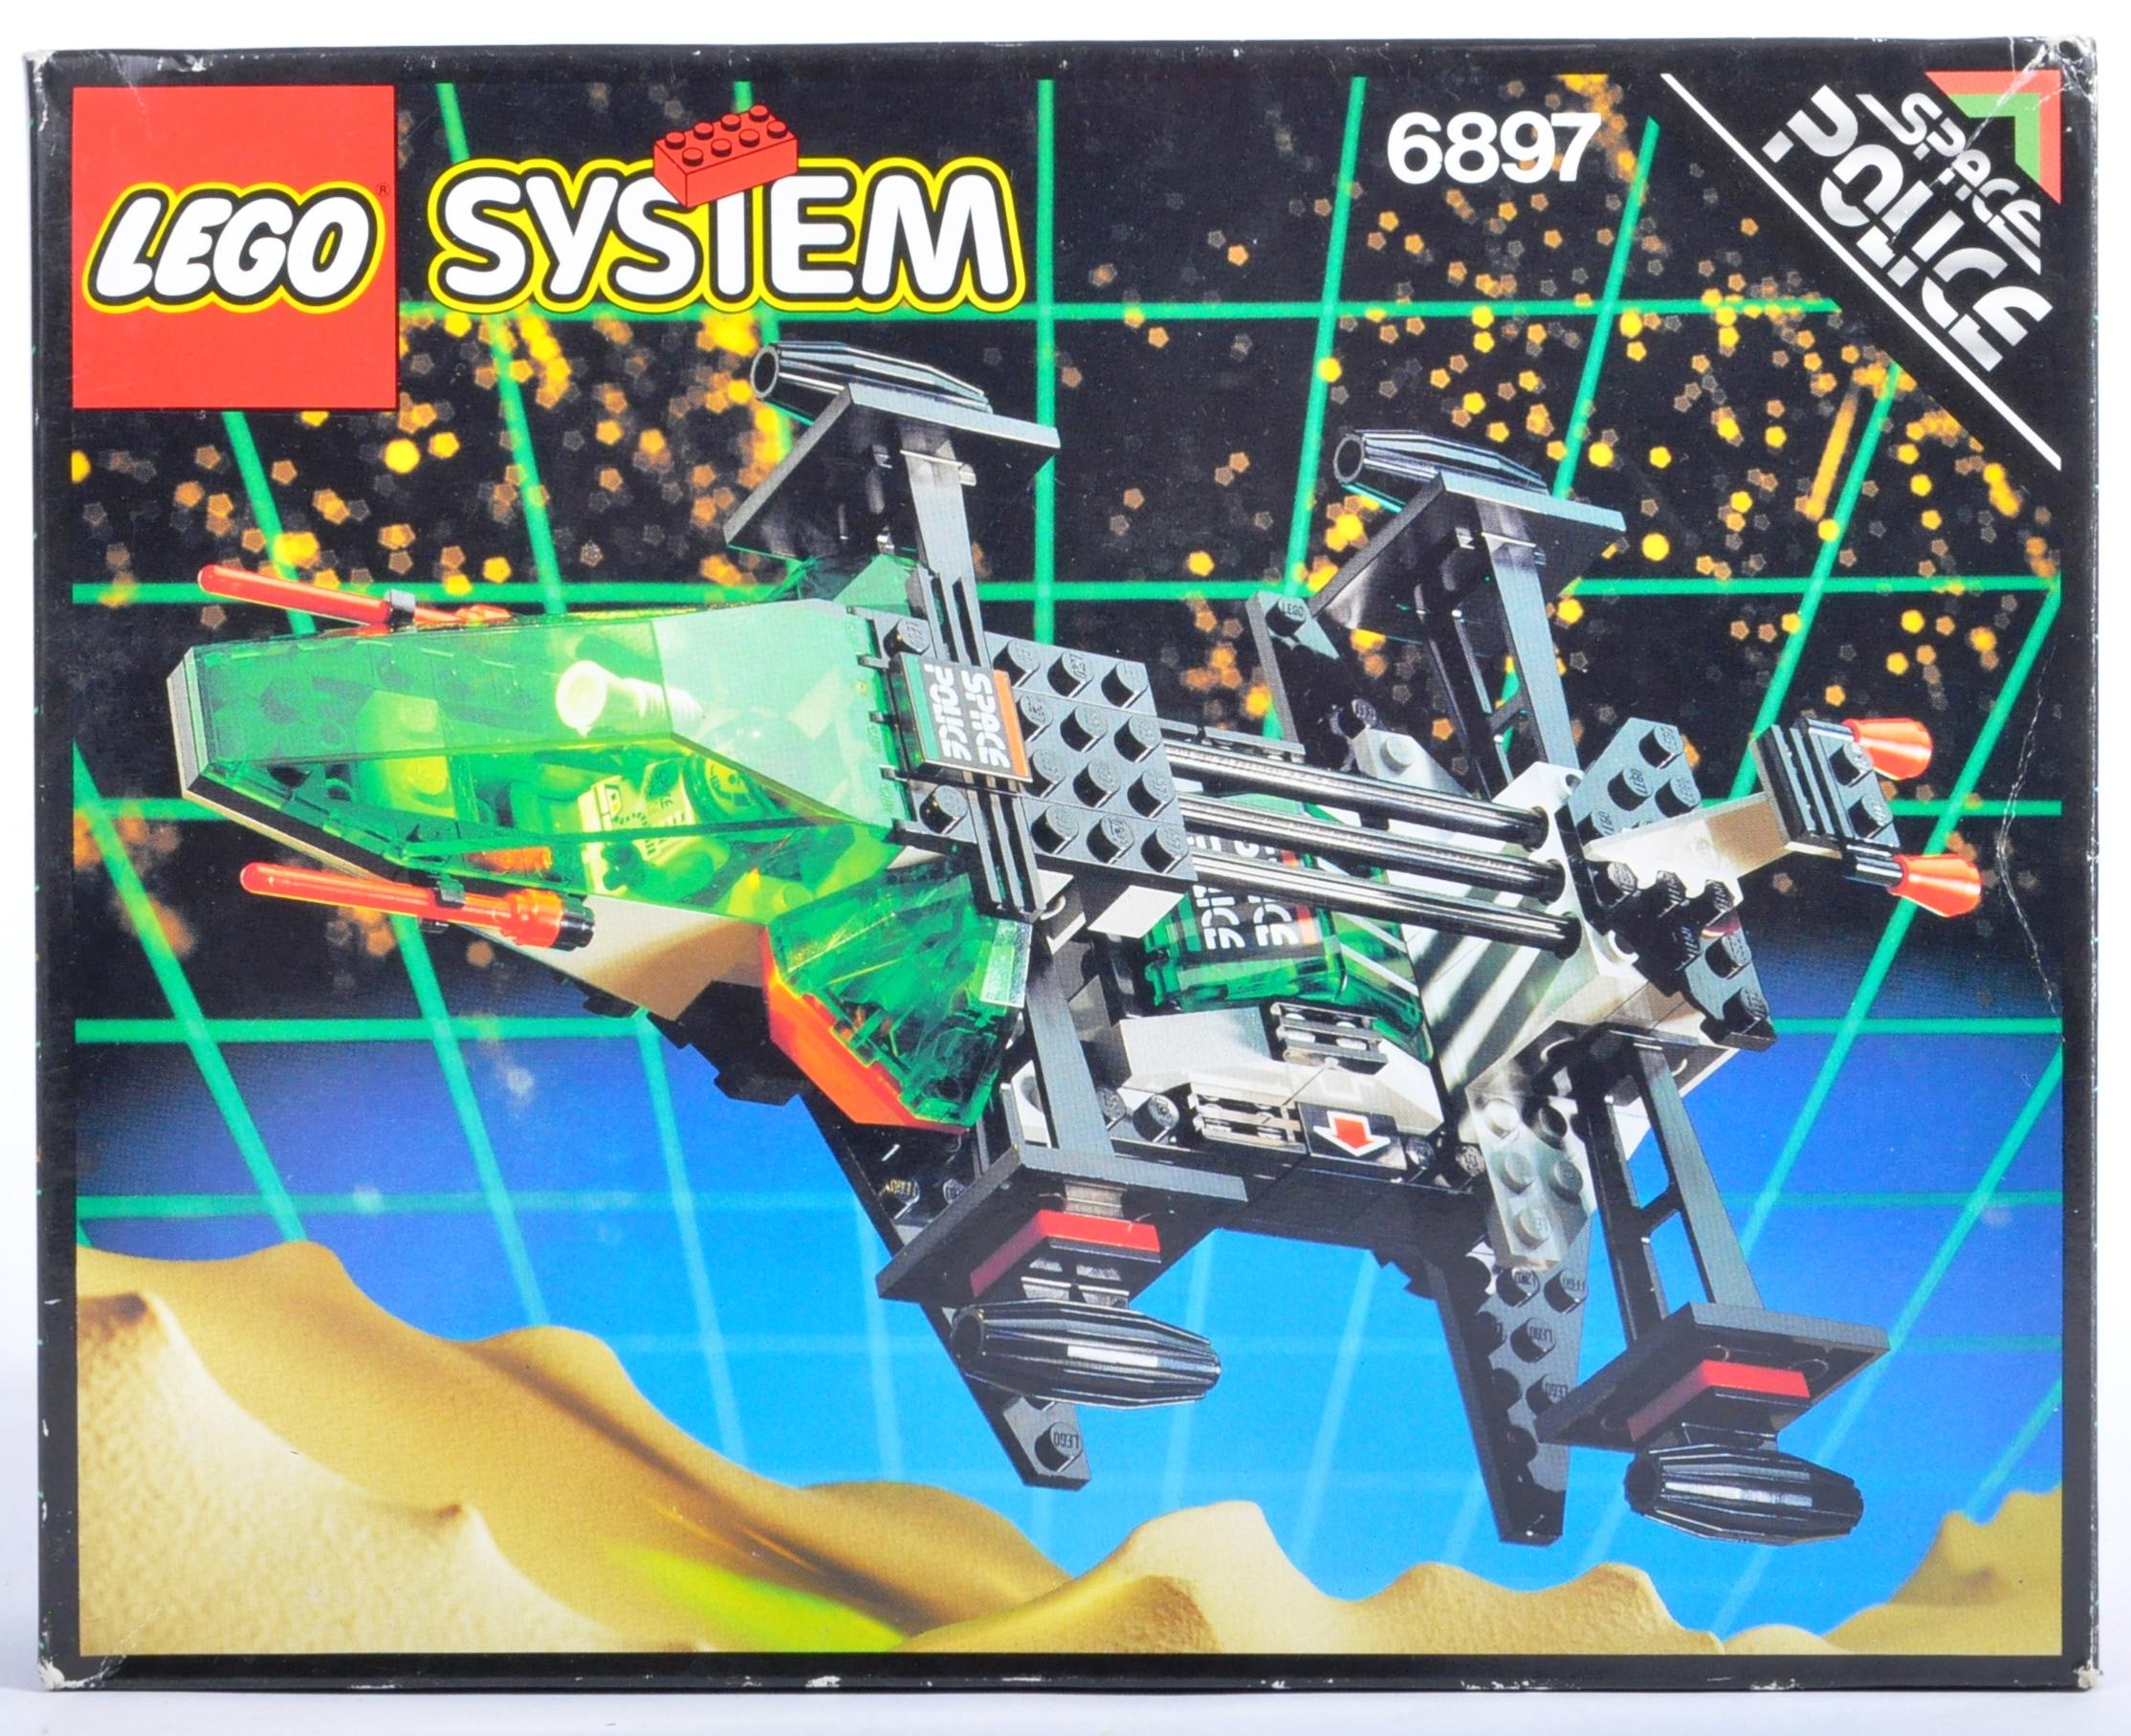 LEGO SET - LEGO SYSTEM - 6897 - REBEL SPACE HUNTER